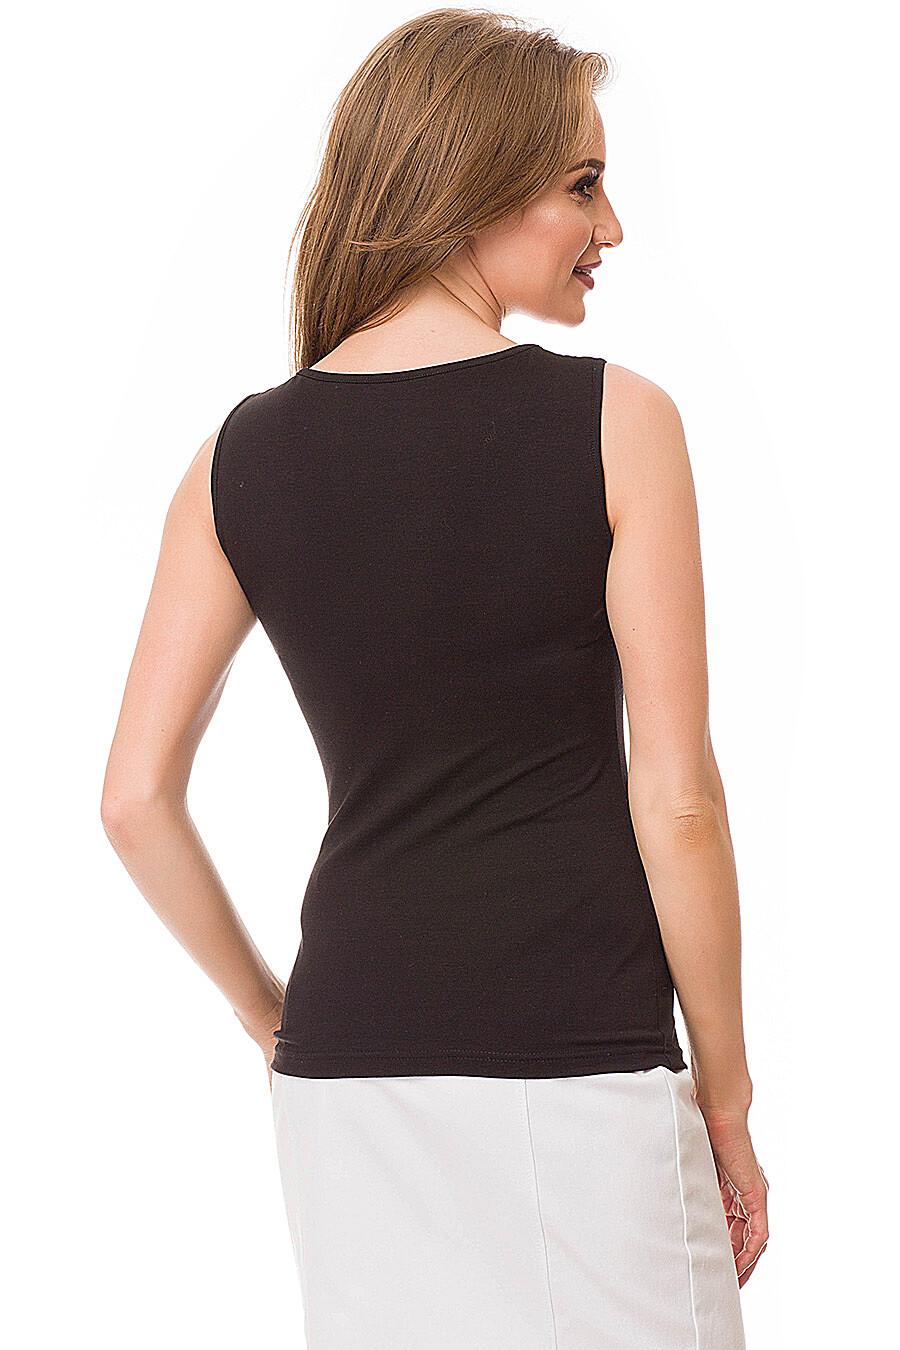 Майка для женщин FOUR STYLES 81625 купить оптом от производителя. Совместная покупка женской одежды в OptMoyo